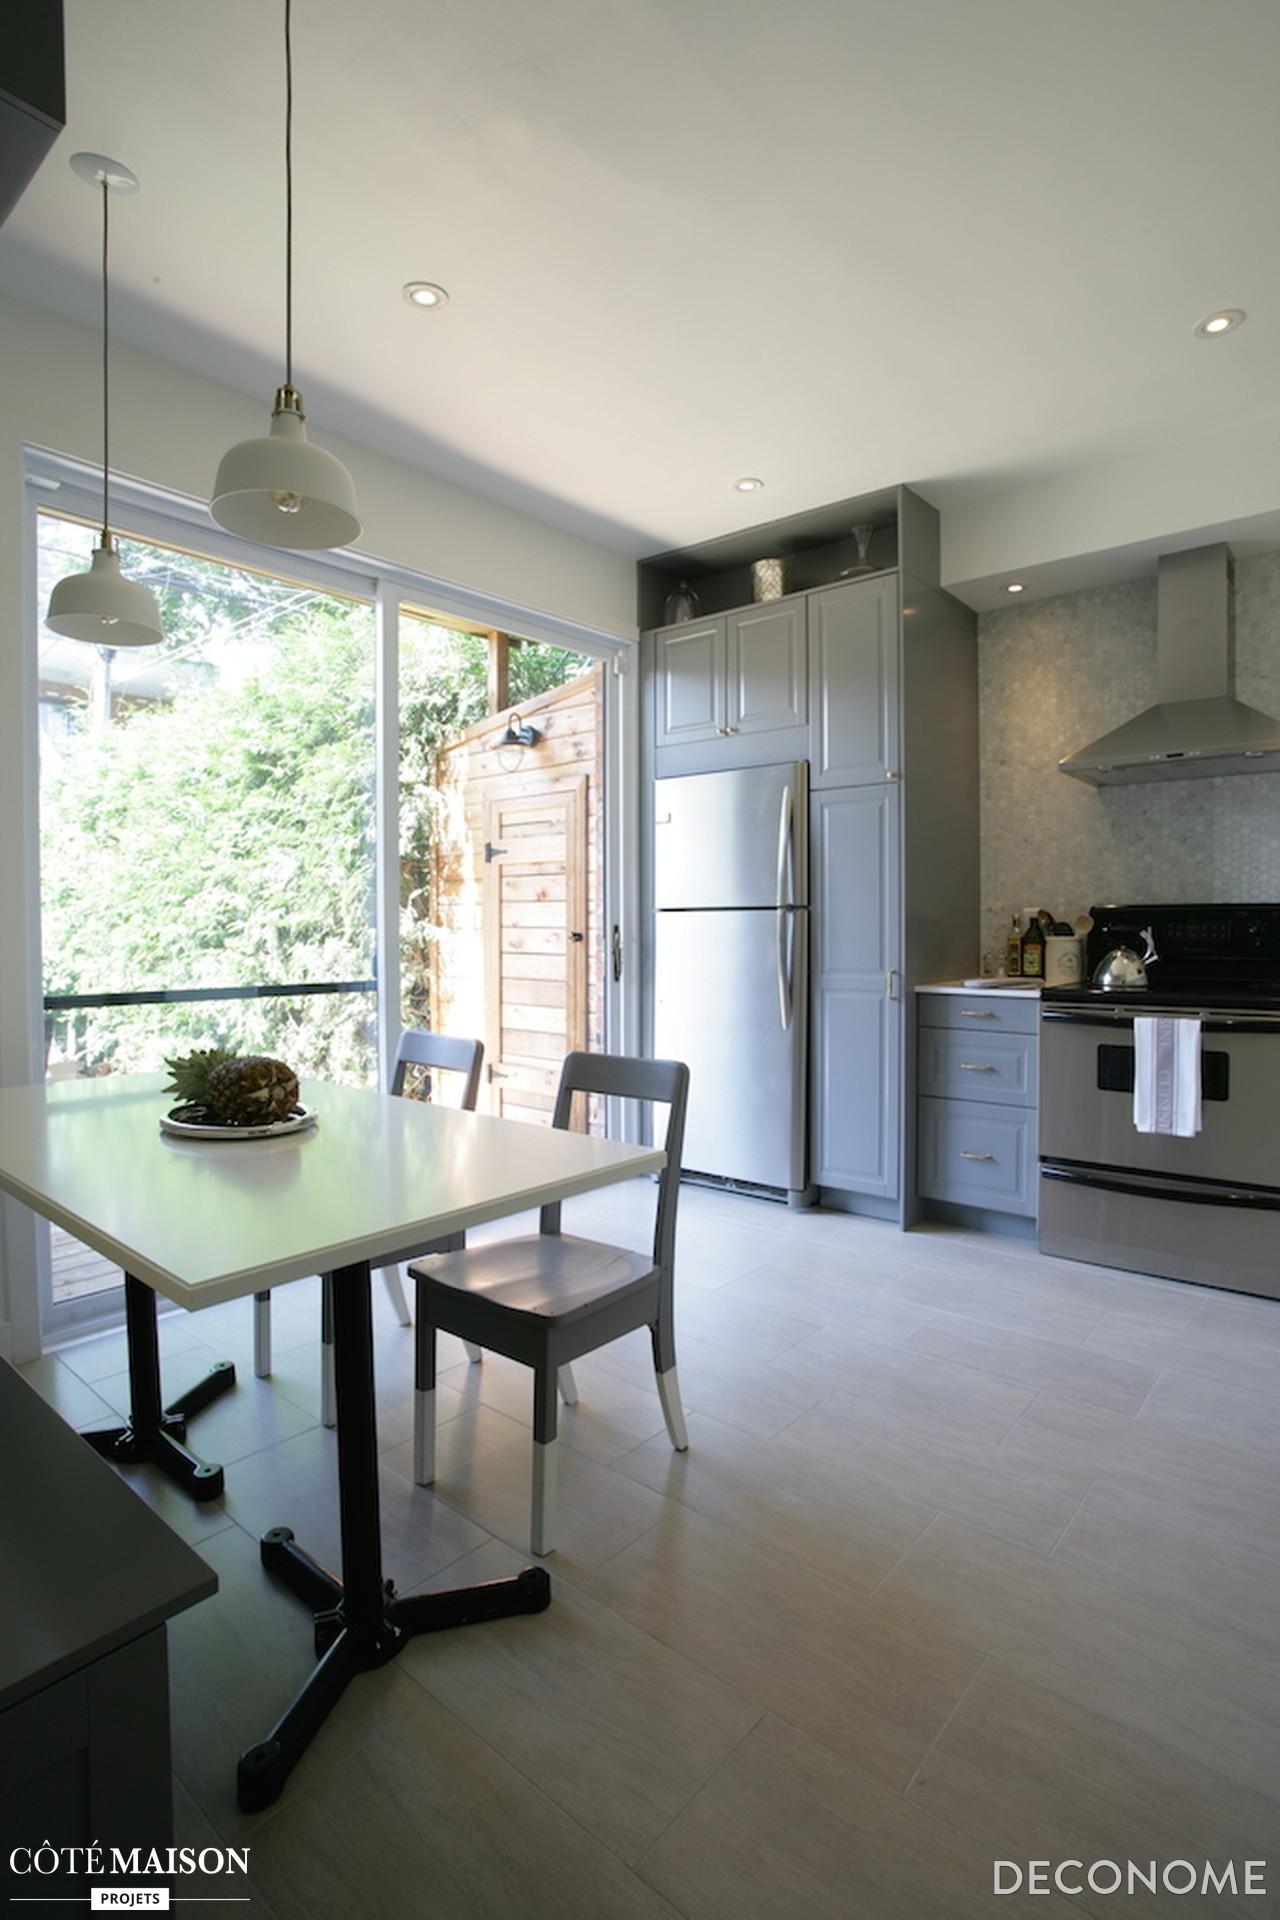 notre cuisine d 039 inspiration scandinave a montreal stephanie g cote maison